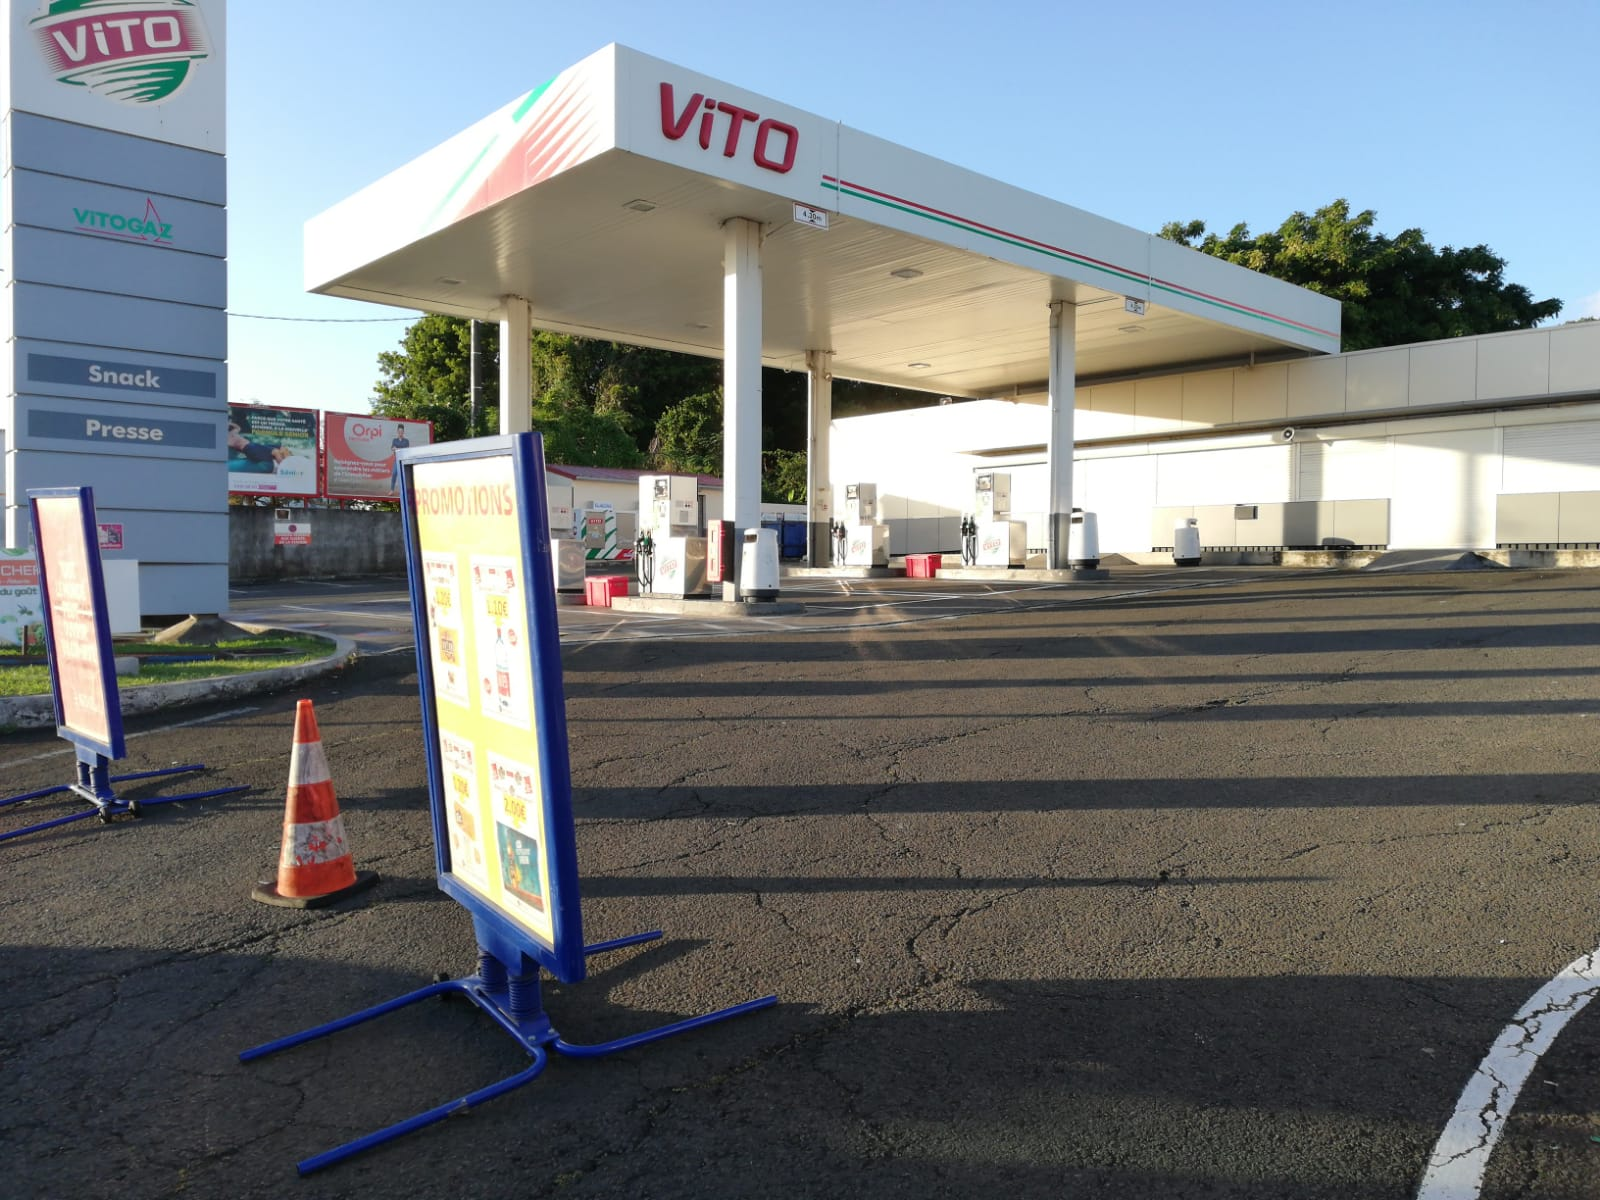 Le pompiste victime d'un malaise à la station Vito Cluny est décédé